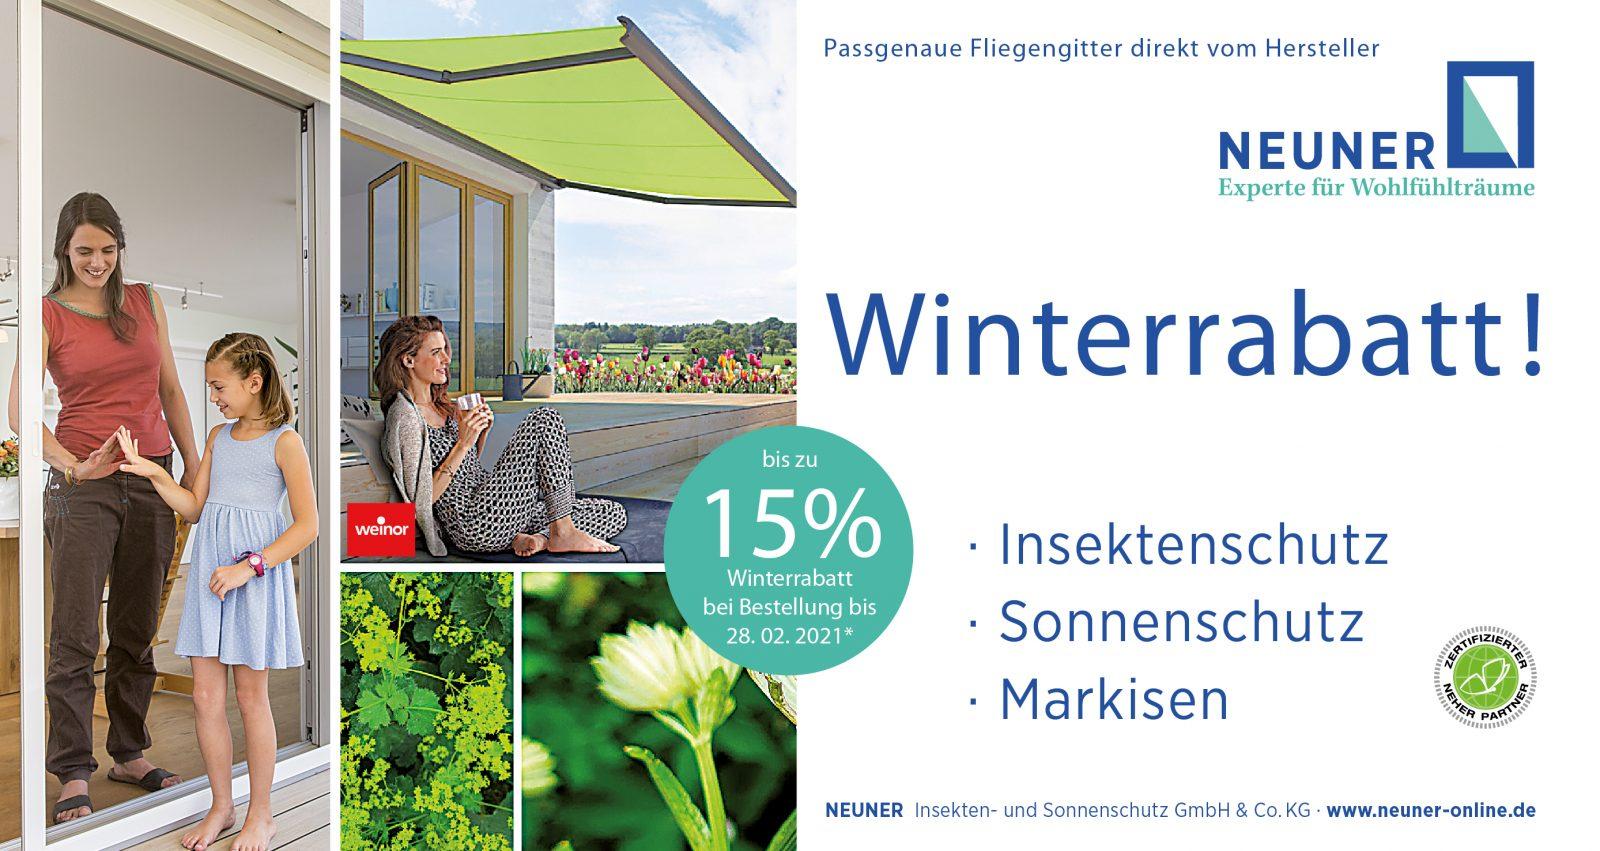 Winterrabatt